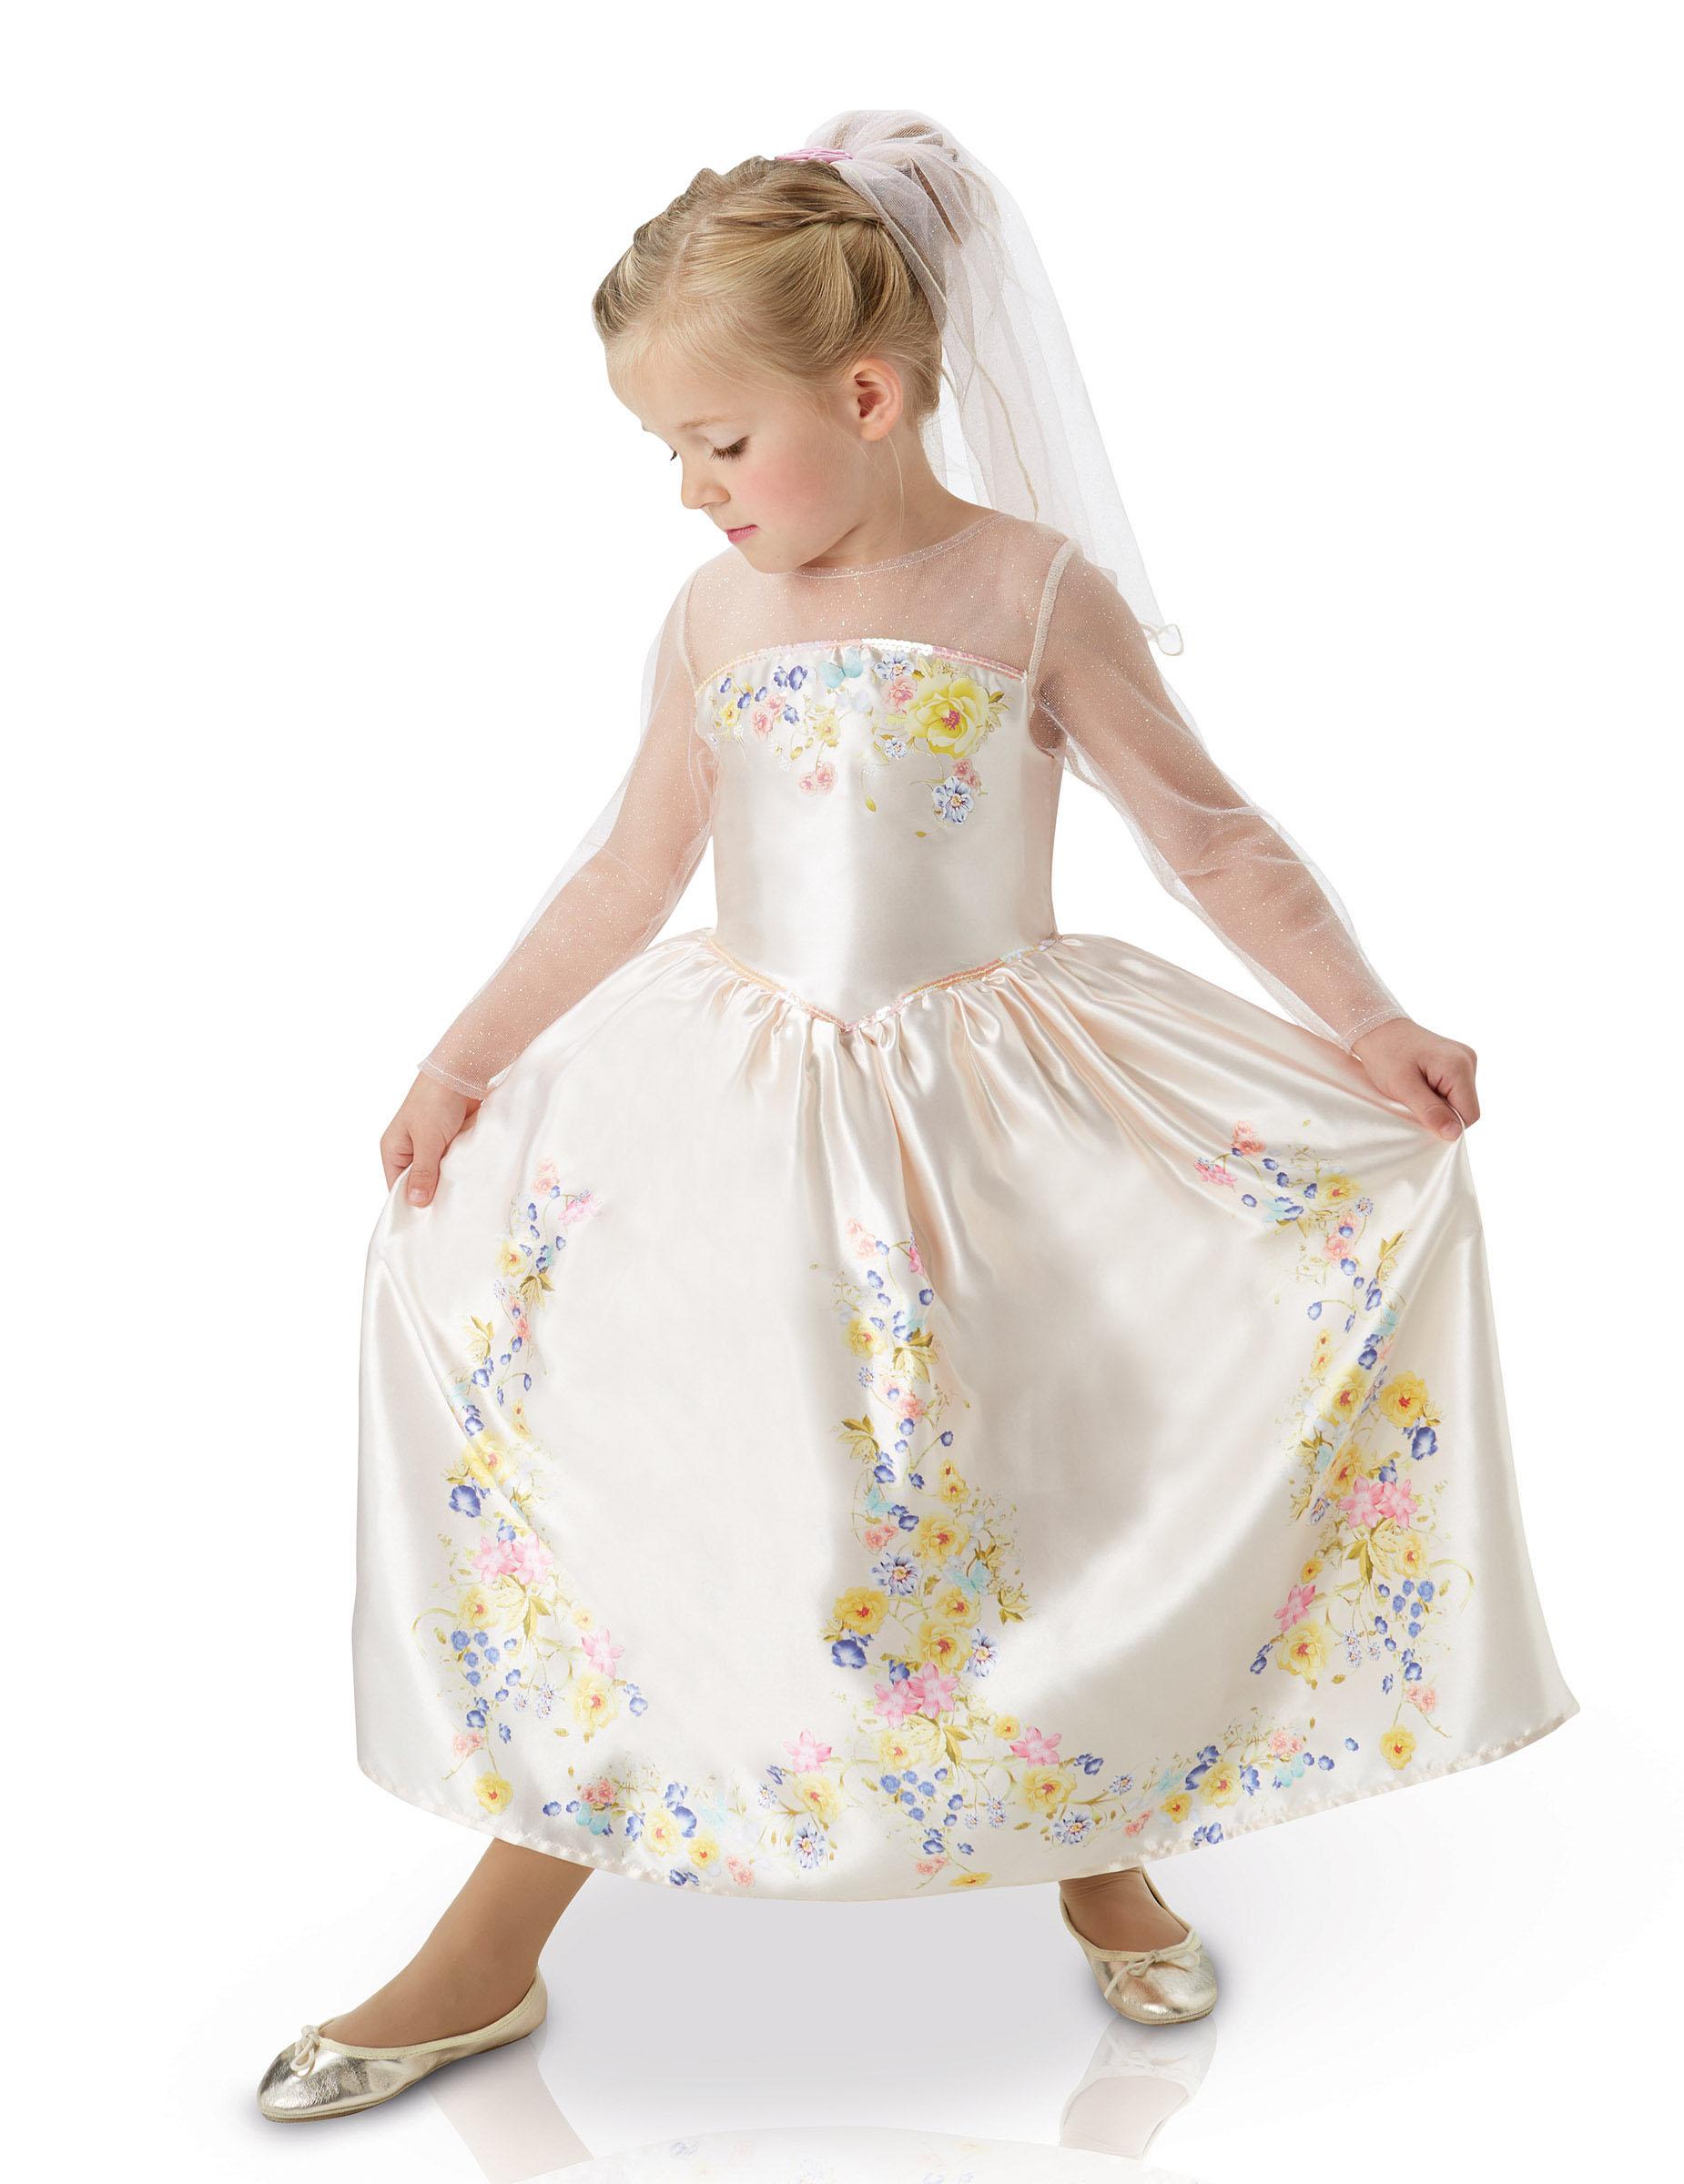 Offizielles Cinderella Mädchen-Hochzeitskleid Braut pastell-weiss